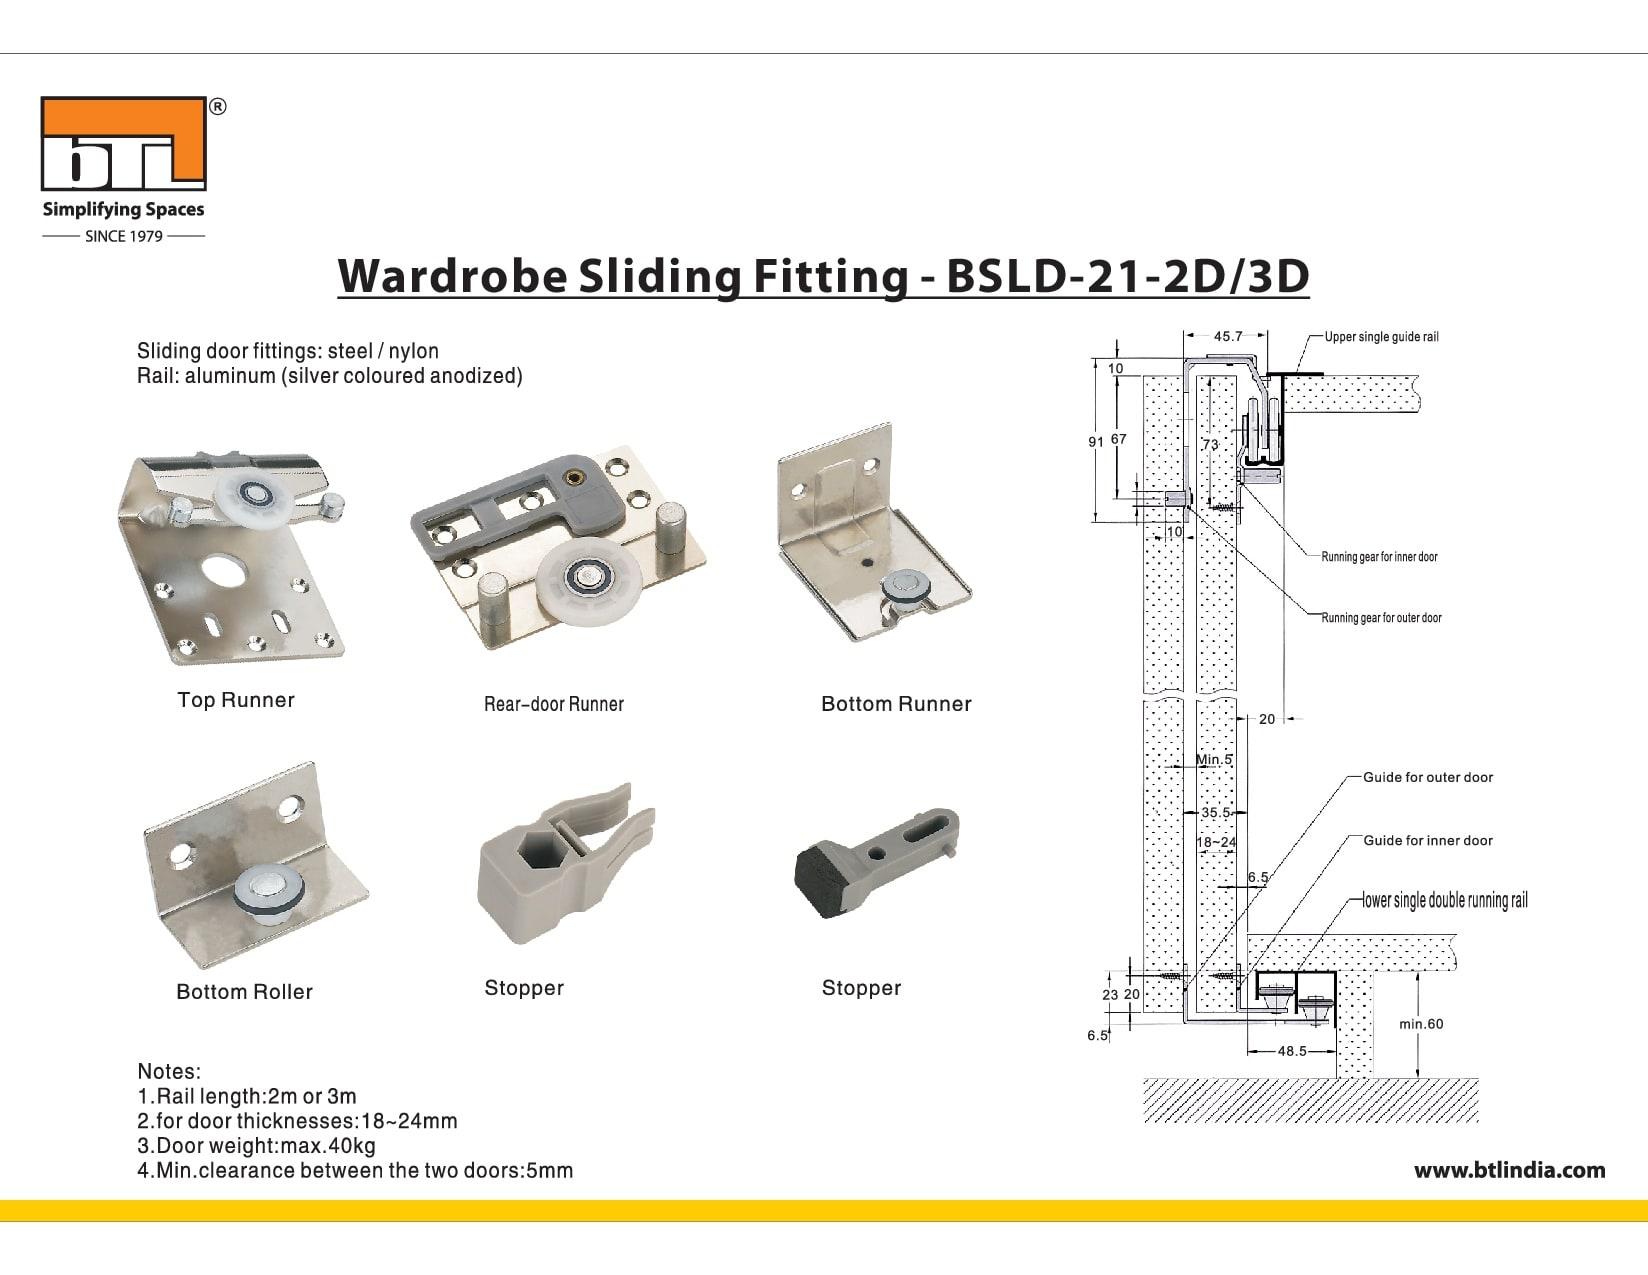 BTL BSLD-21-2D Wardrobe Sliding Fitting 2 Doors - Specifications